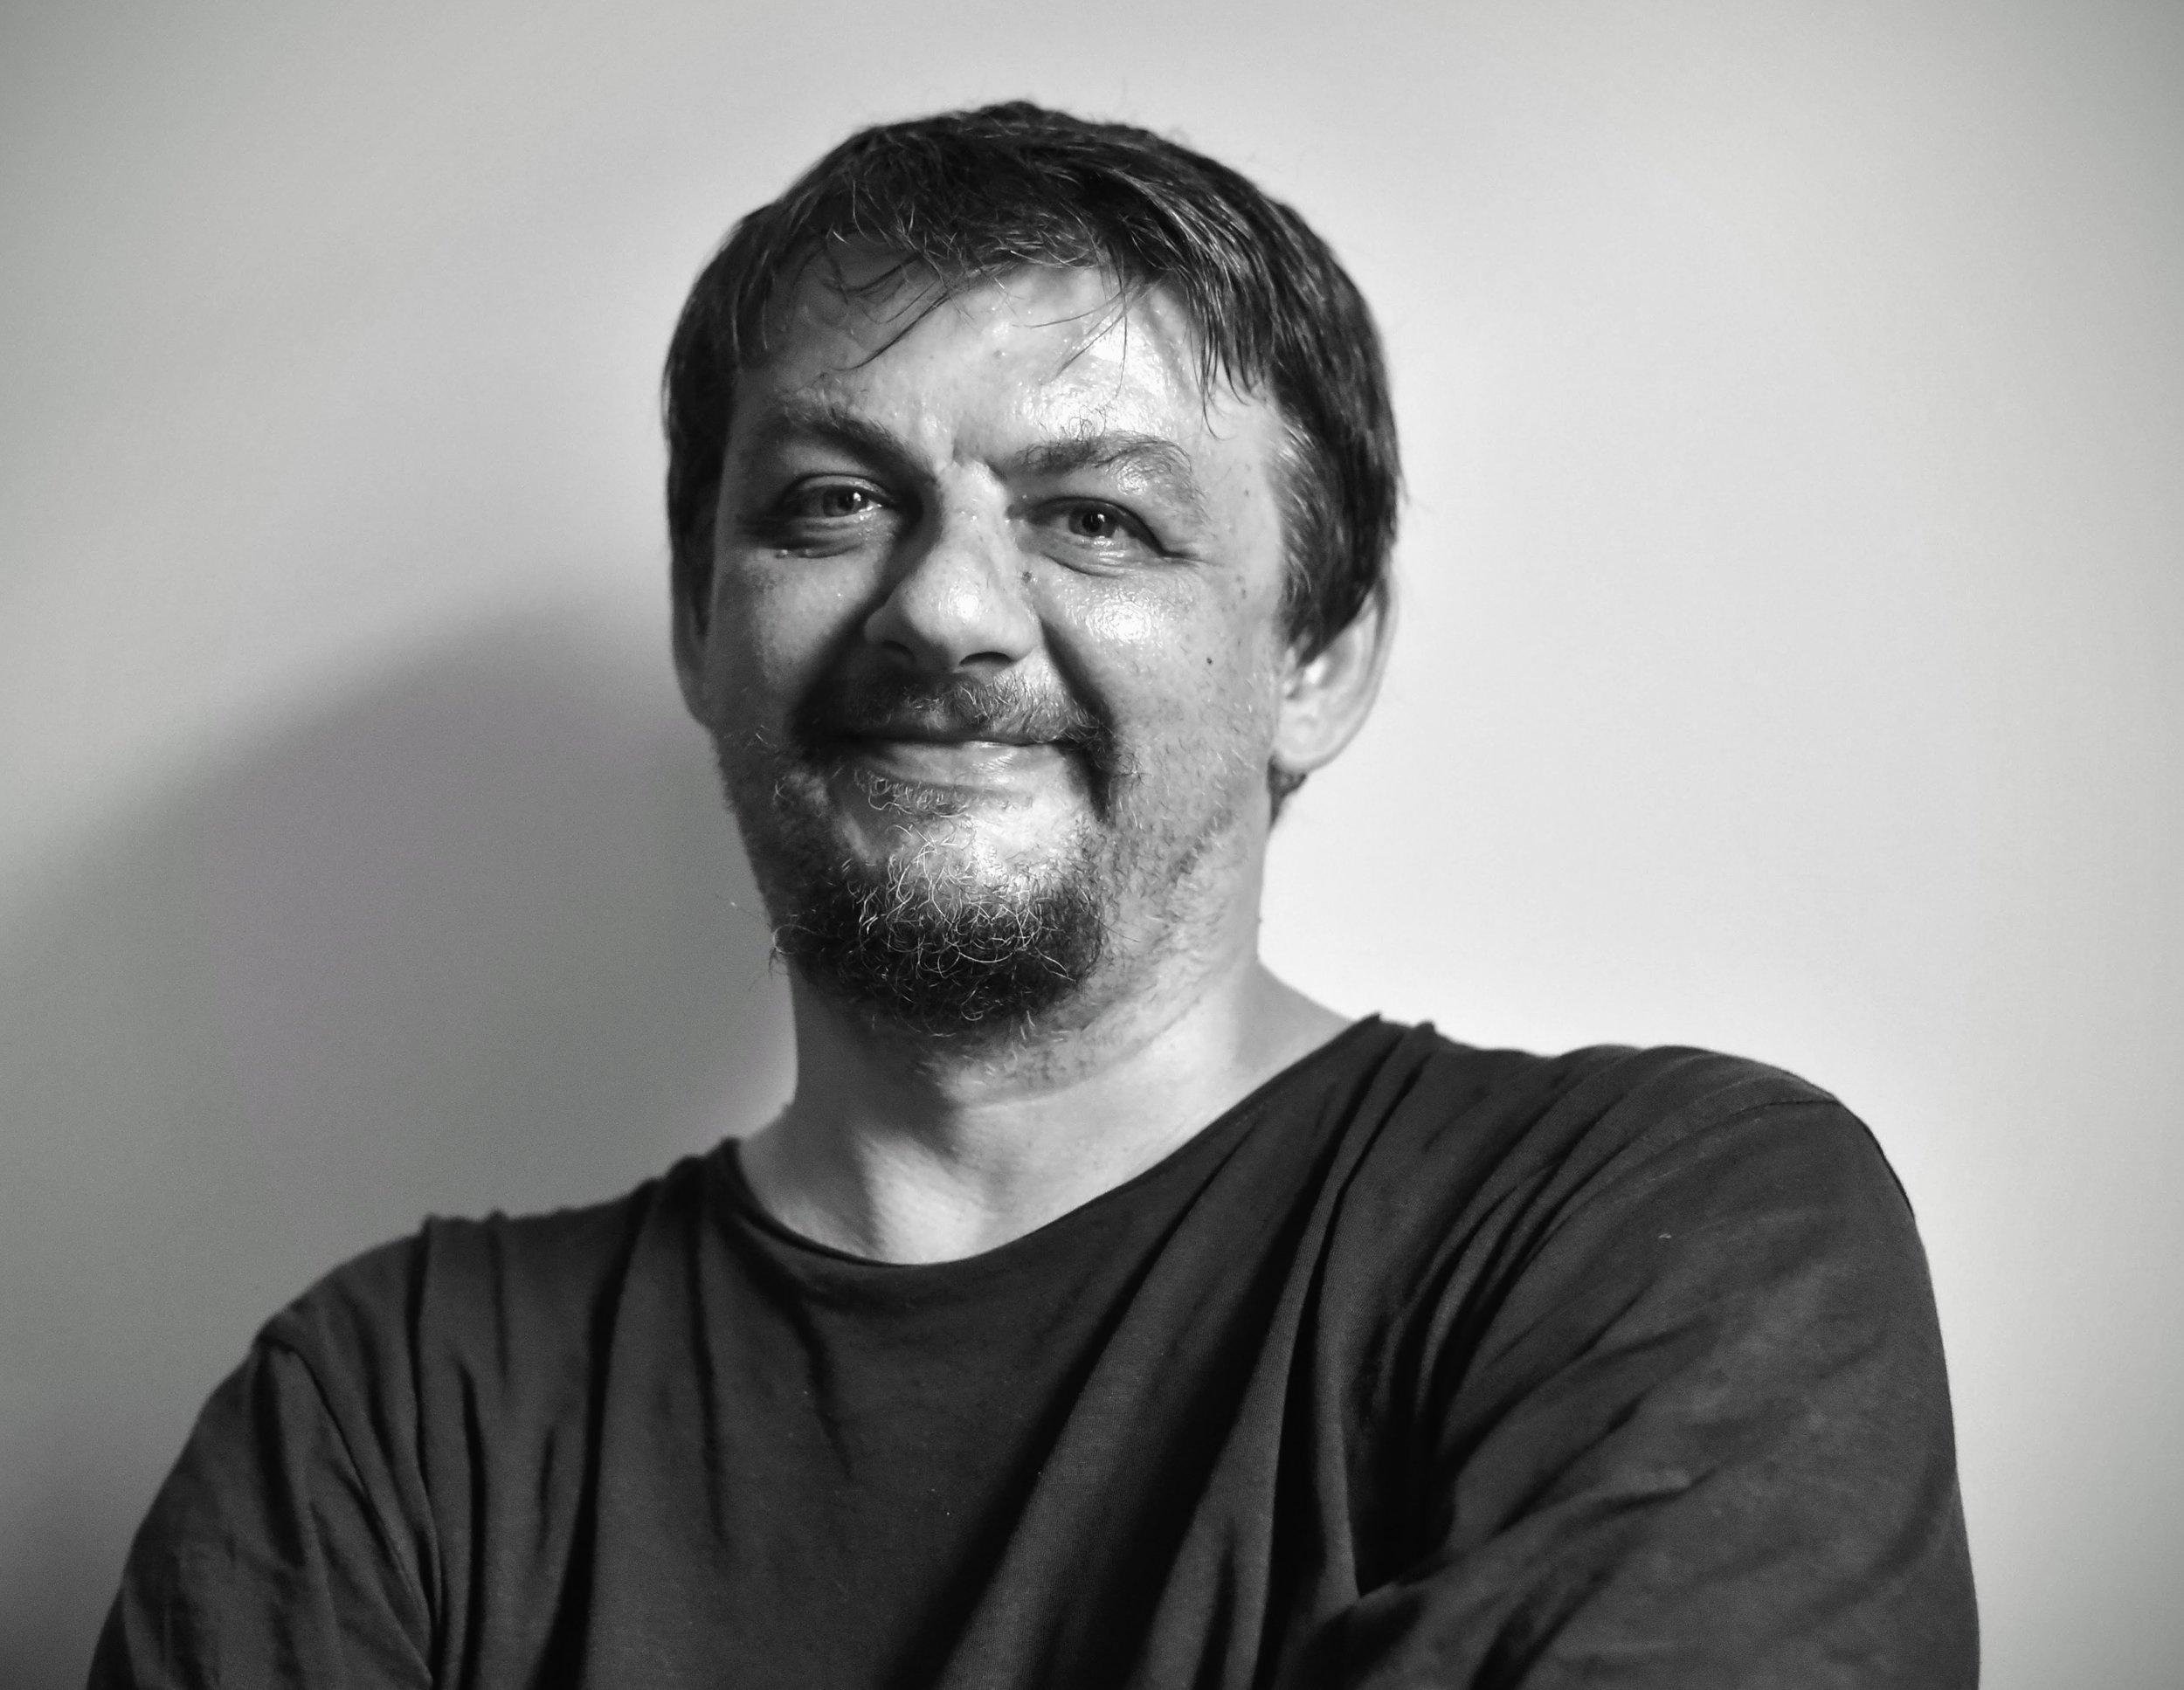 PREDAVAC - Zlatko Vickovic je profesionalni fotograf sa vise od 10 godina iskustva. Njegove fotografije su objavljivane i izlagane u mnogim domacim i svetskim novinama, publikacijama i galerijama.